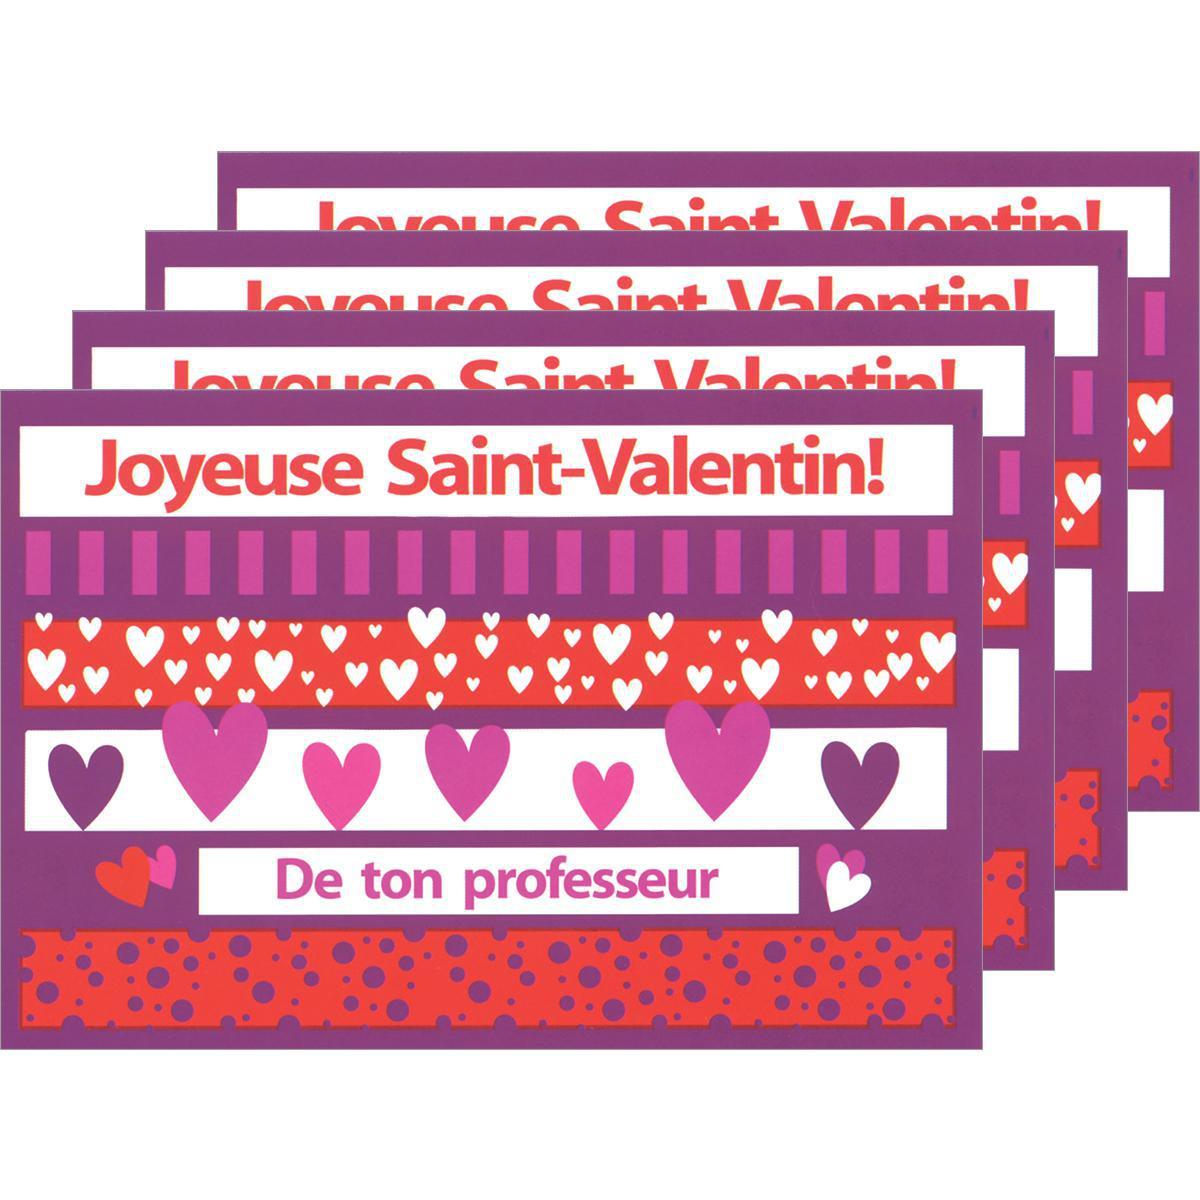 Cartes postales Joyeuse Saint-Valentin!